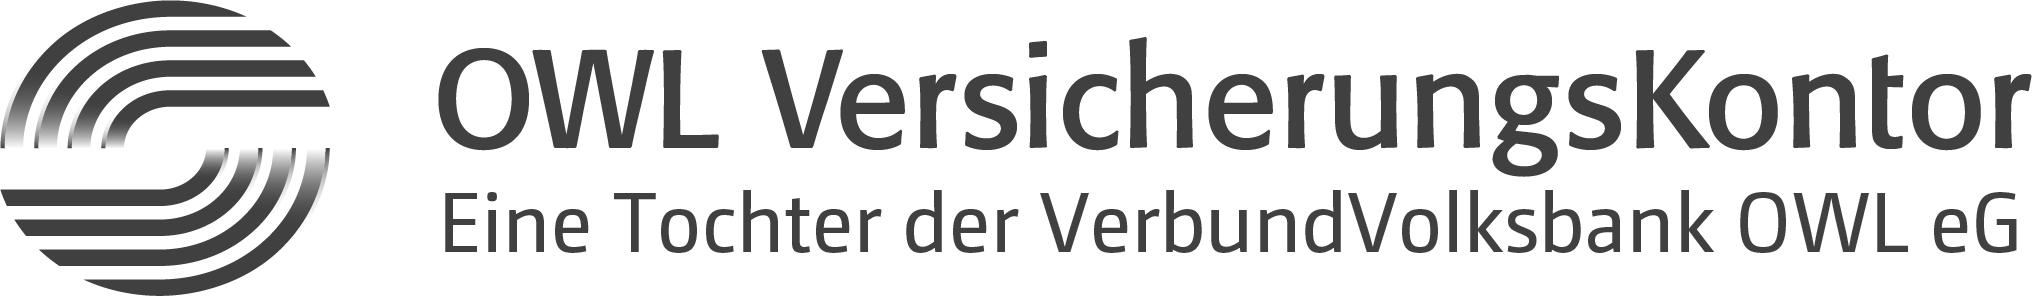 OWL VersicherungsKontor GmbH  Logo